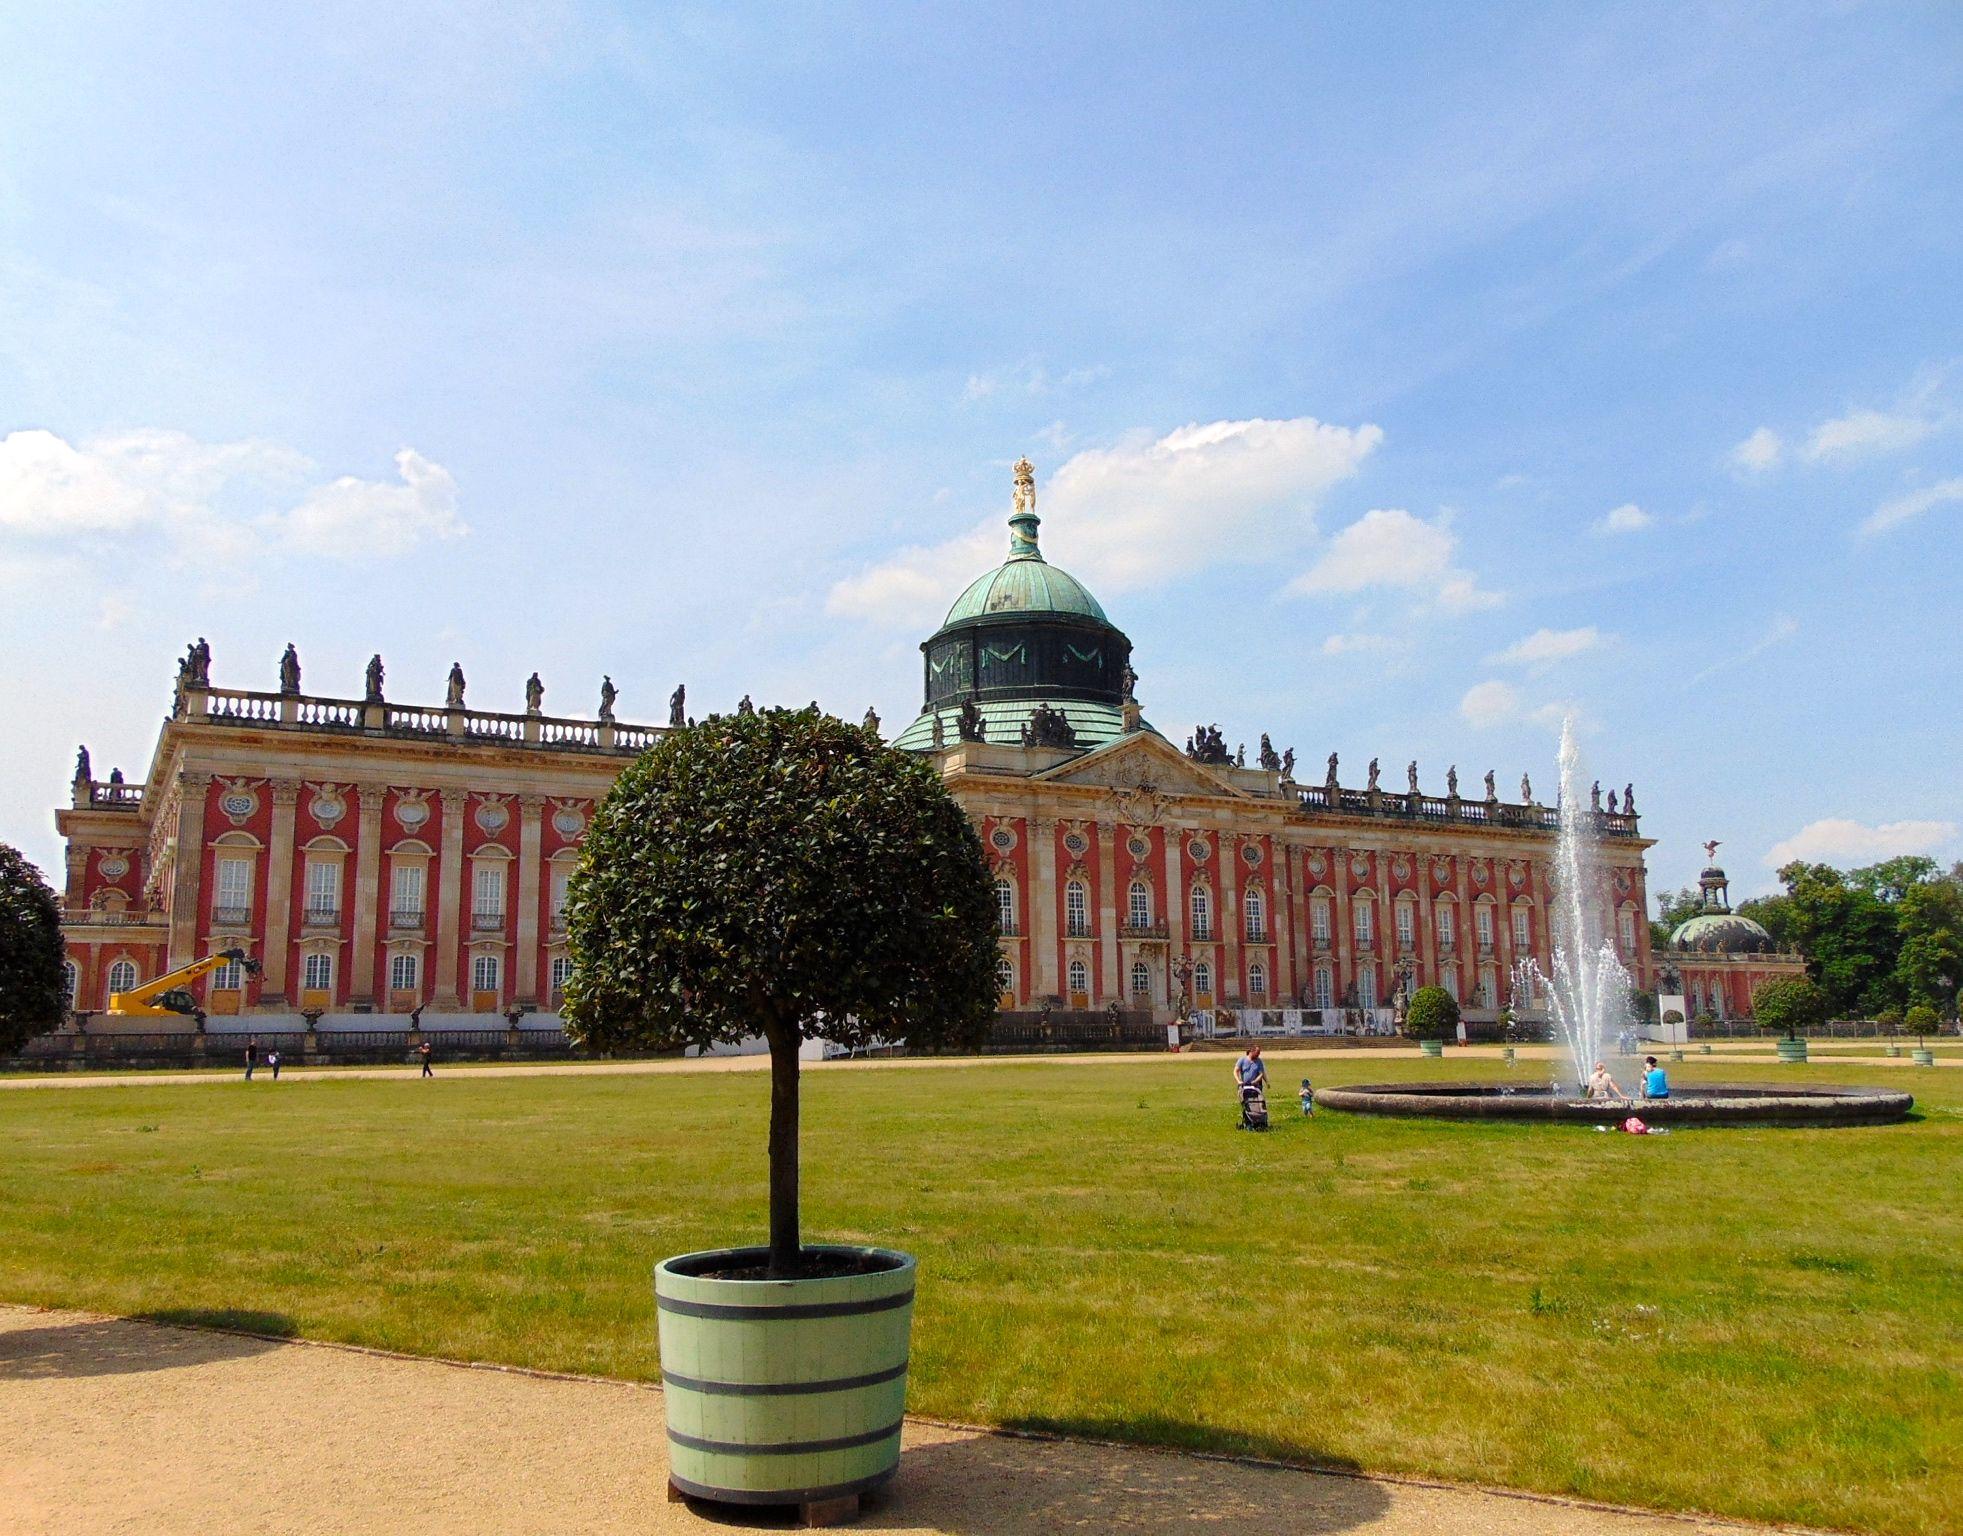 Neues Palais Park Sanssouci Potsdam Germany Germany Poland Germany Taj Mahal